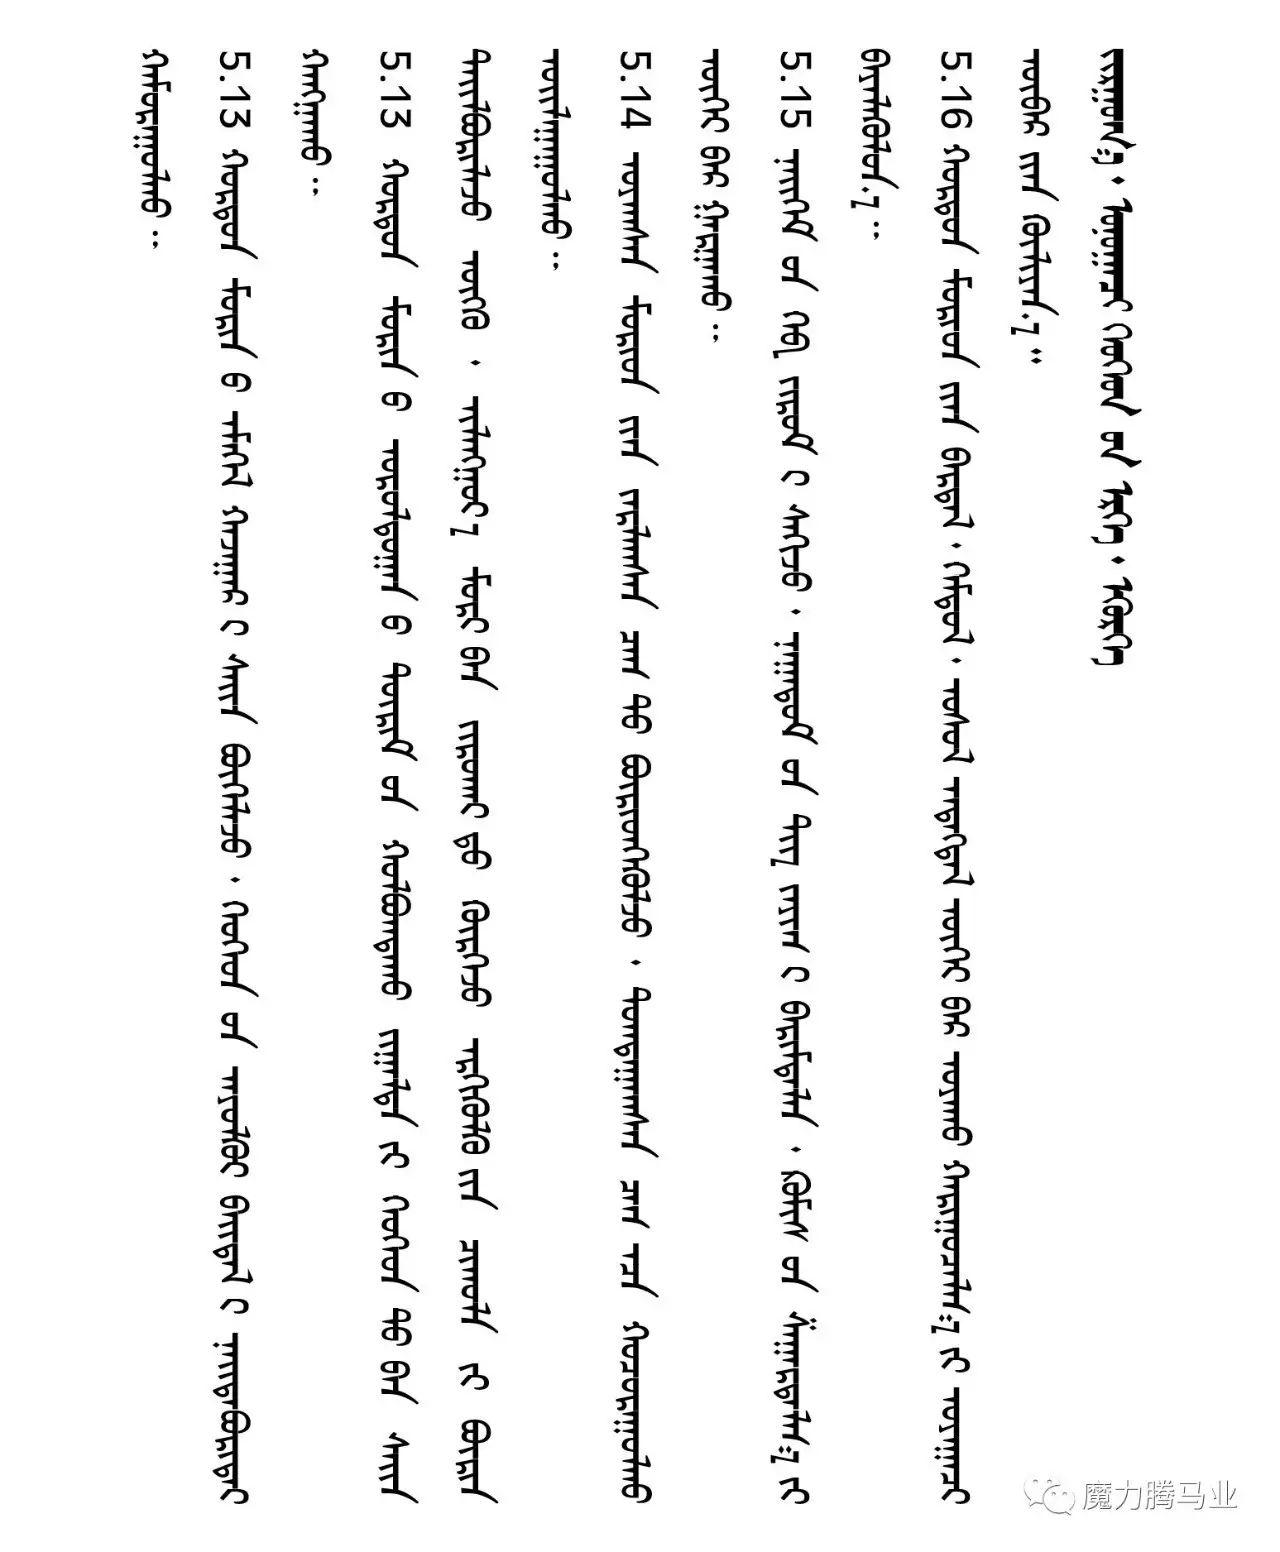 蒙古国赛马章程介绍 第35张 蒙古国赛马章程介绍 蒙古文库